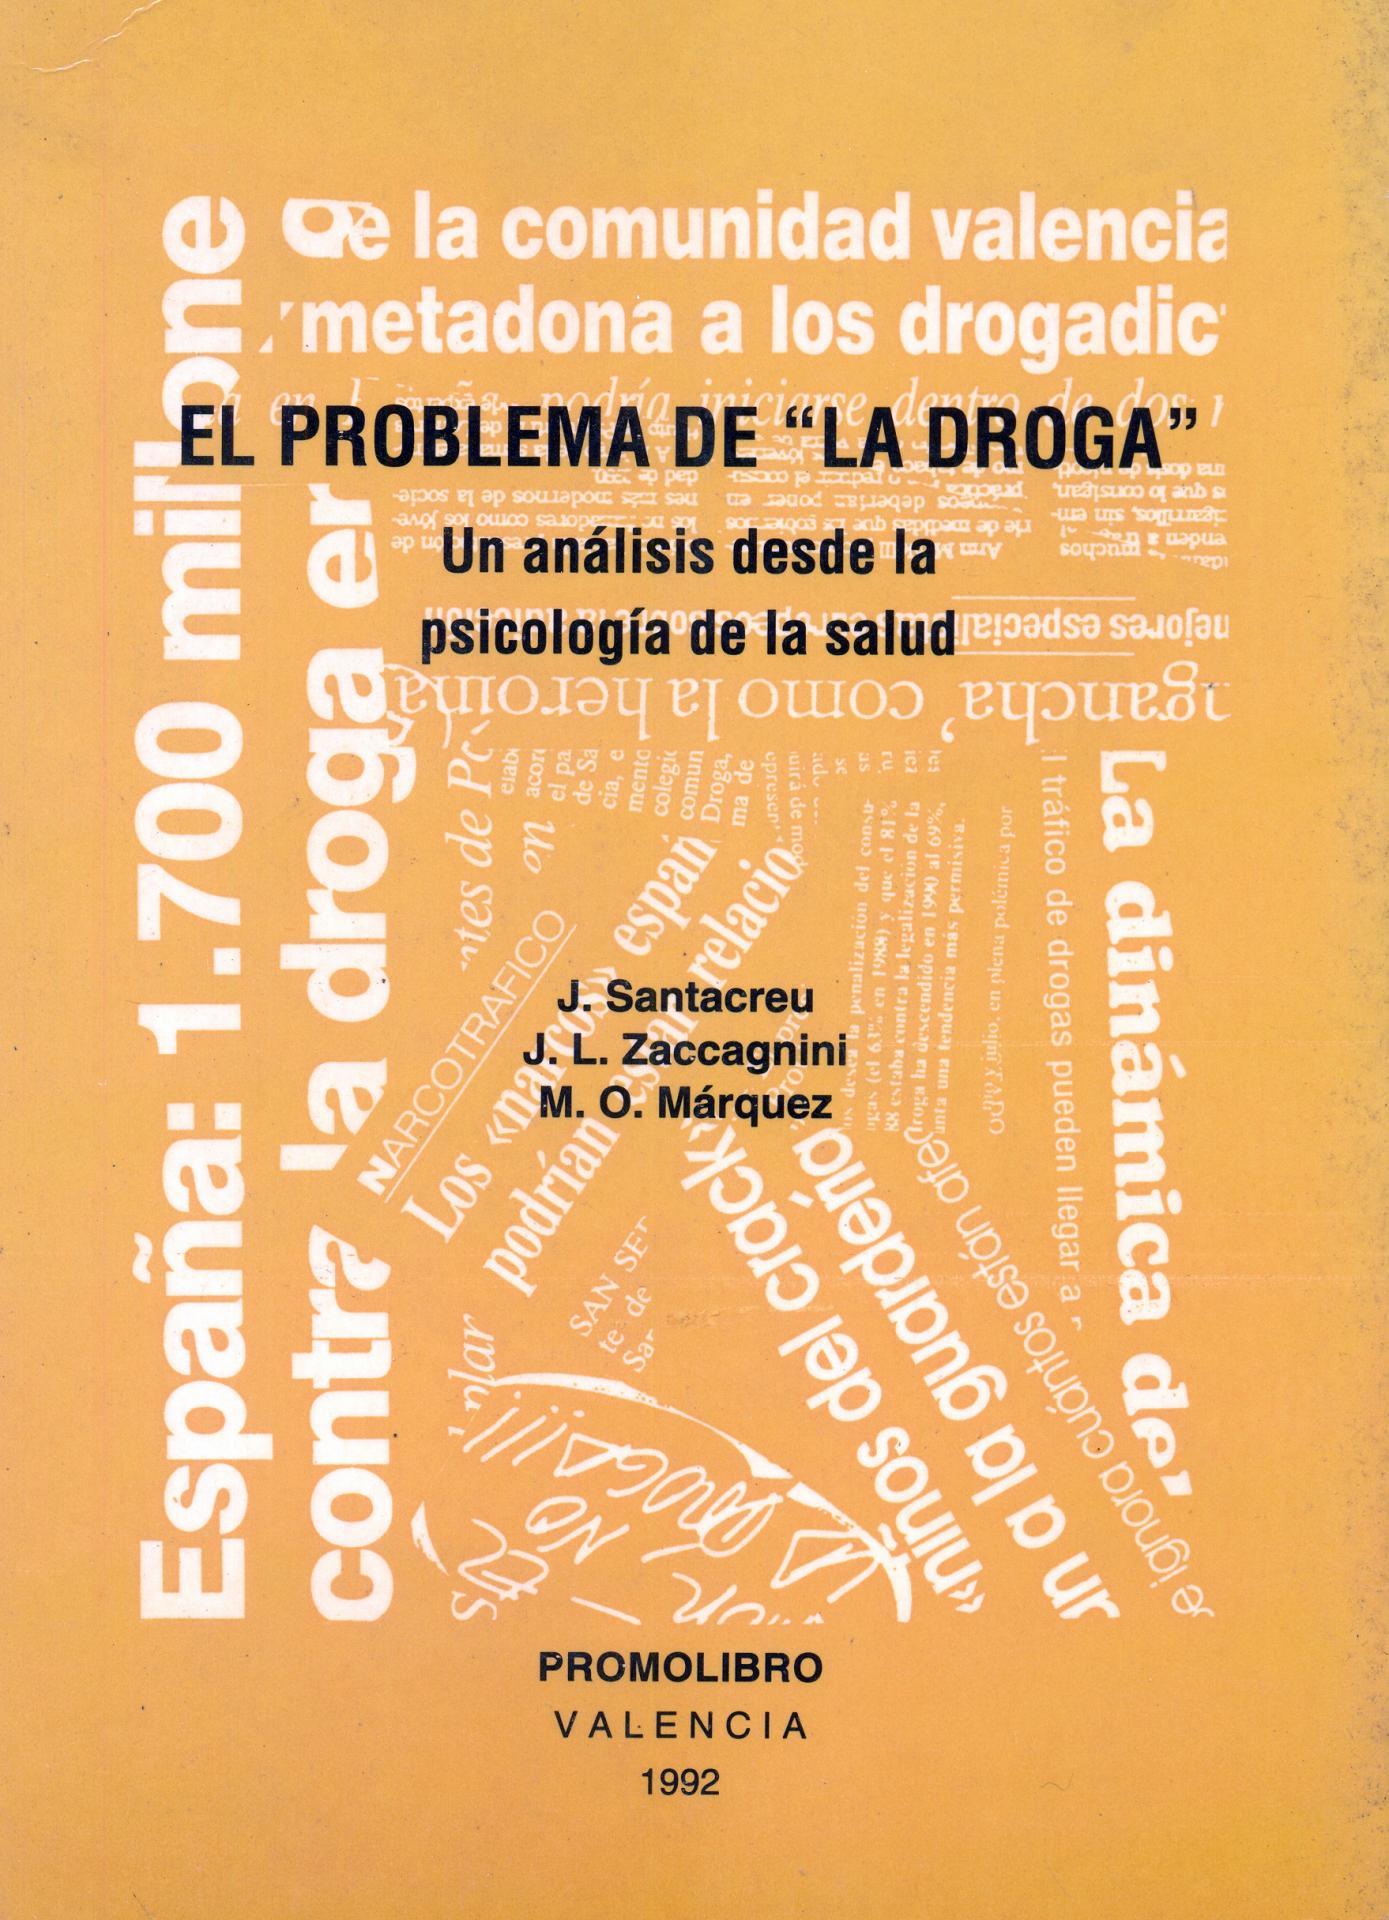 """EL PROBLEMA DE LA """"DROGA"""". Un análisis desde la psicología de la salud"""